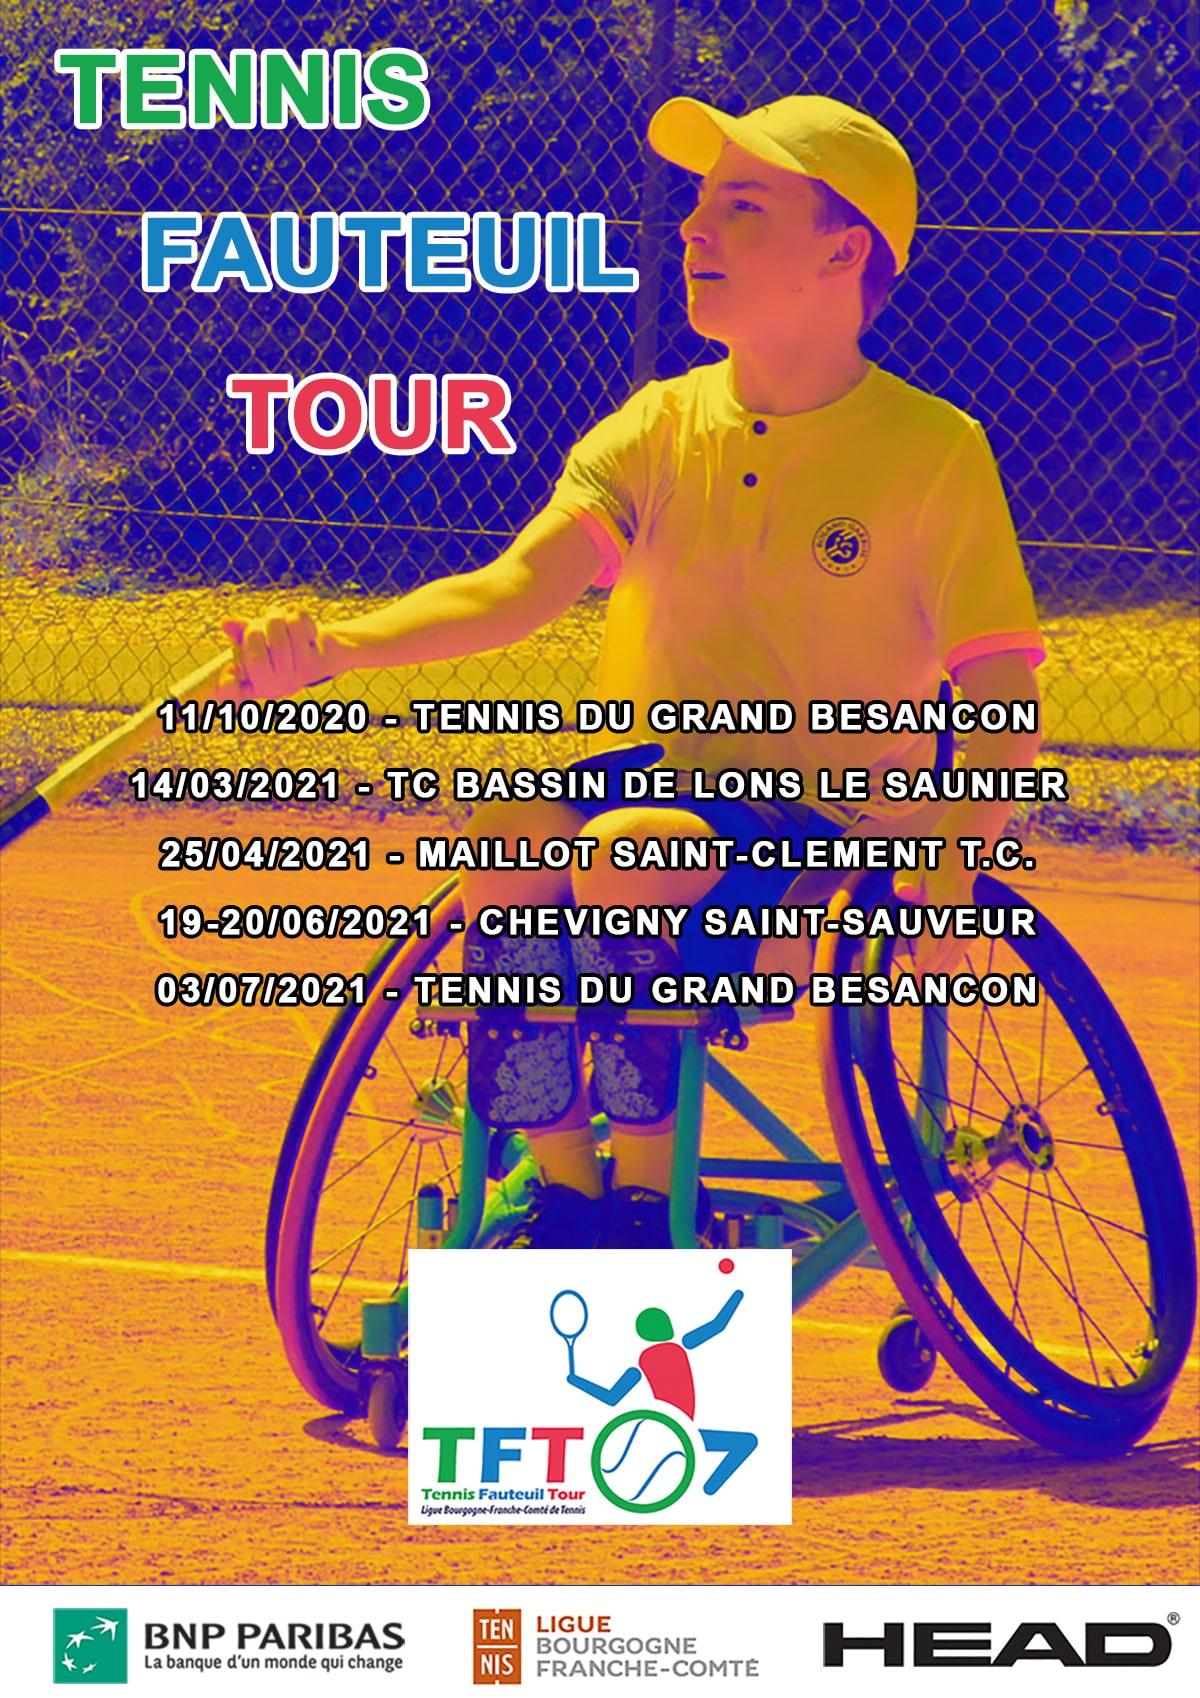 Tennis Fauteuil Tour : Ligue Bourgogne-Franche-Comté de Tennis